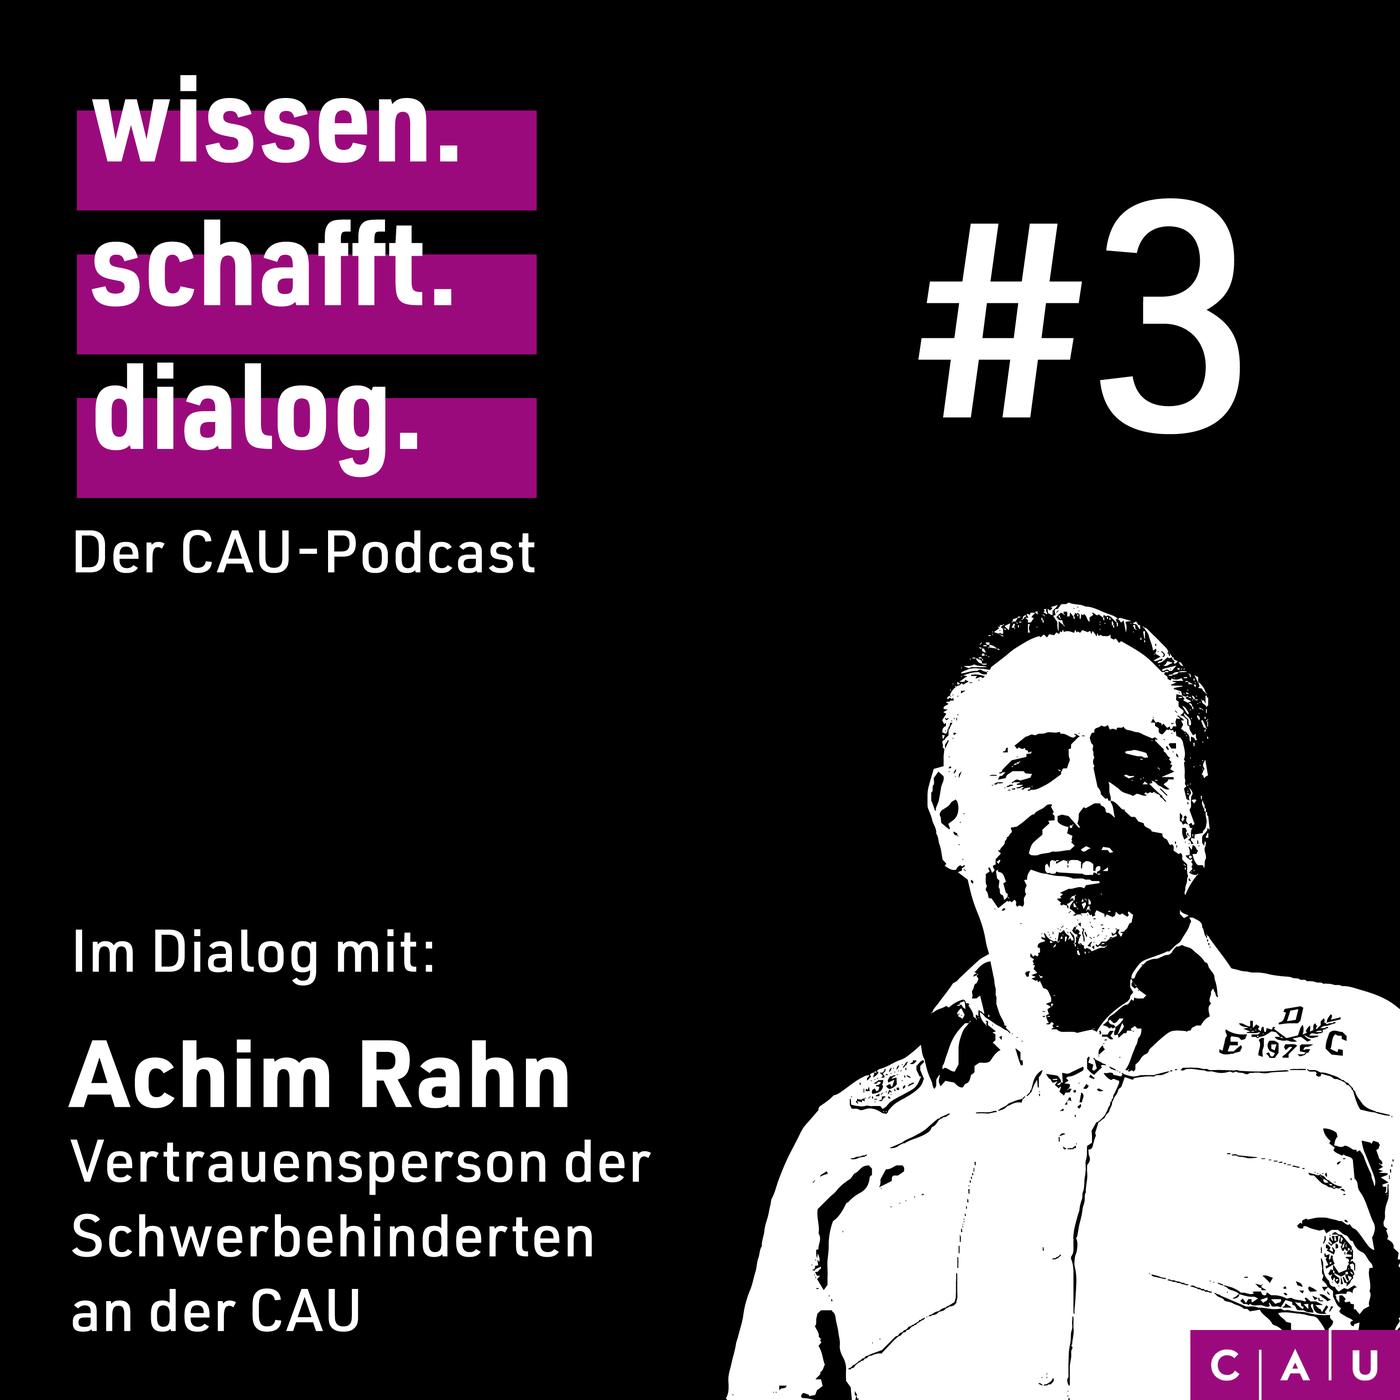 Im Dialog mit: Achim Rahn